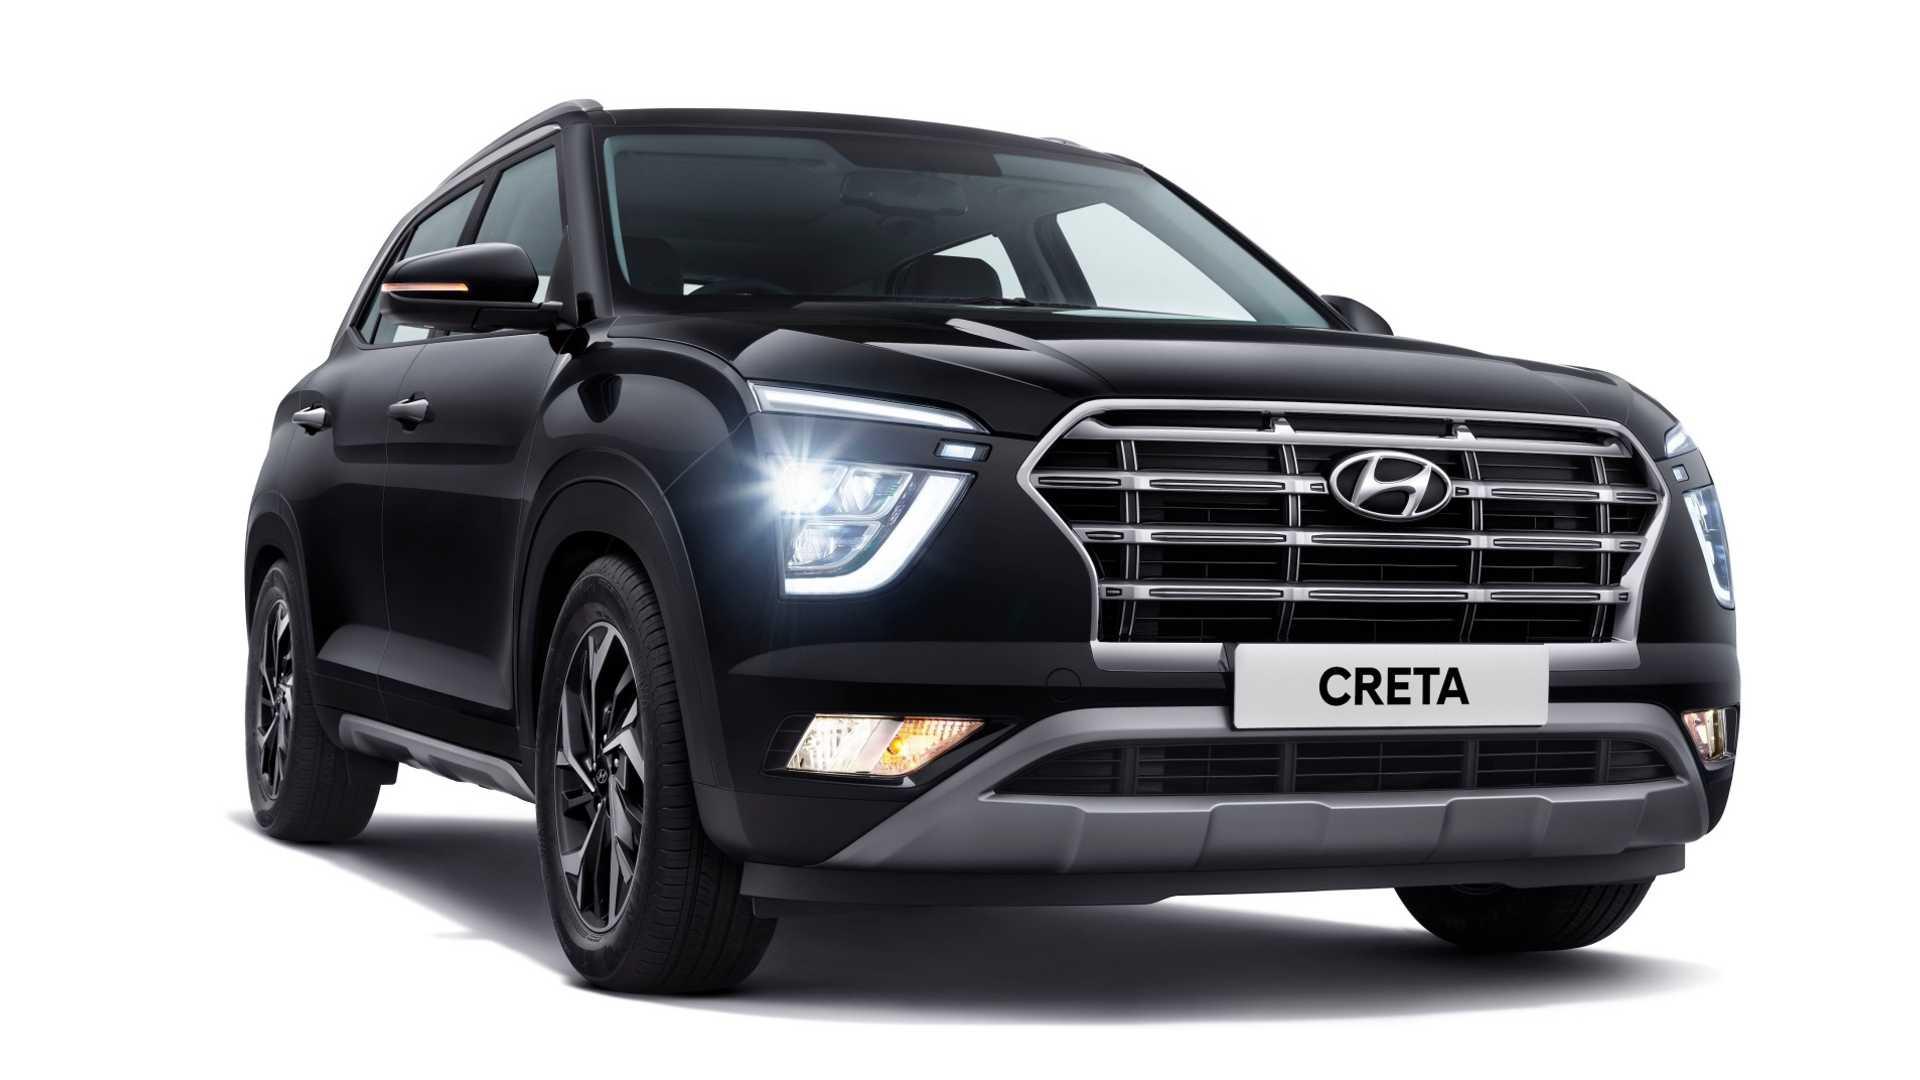 Обновленный Hyundai Creta стал хитом продаж в Индии